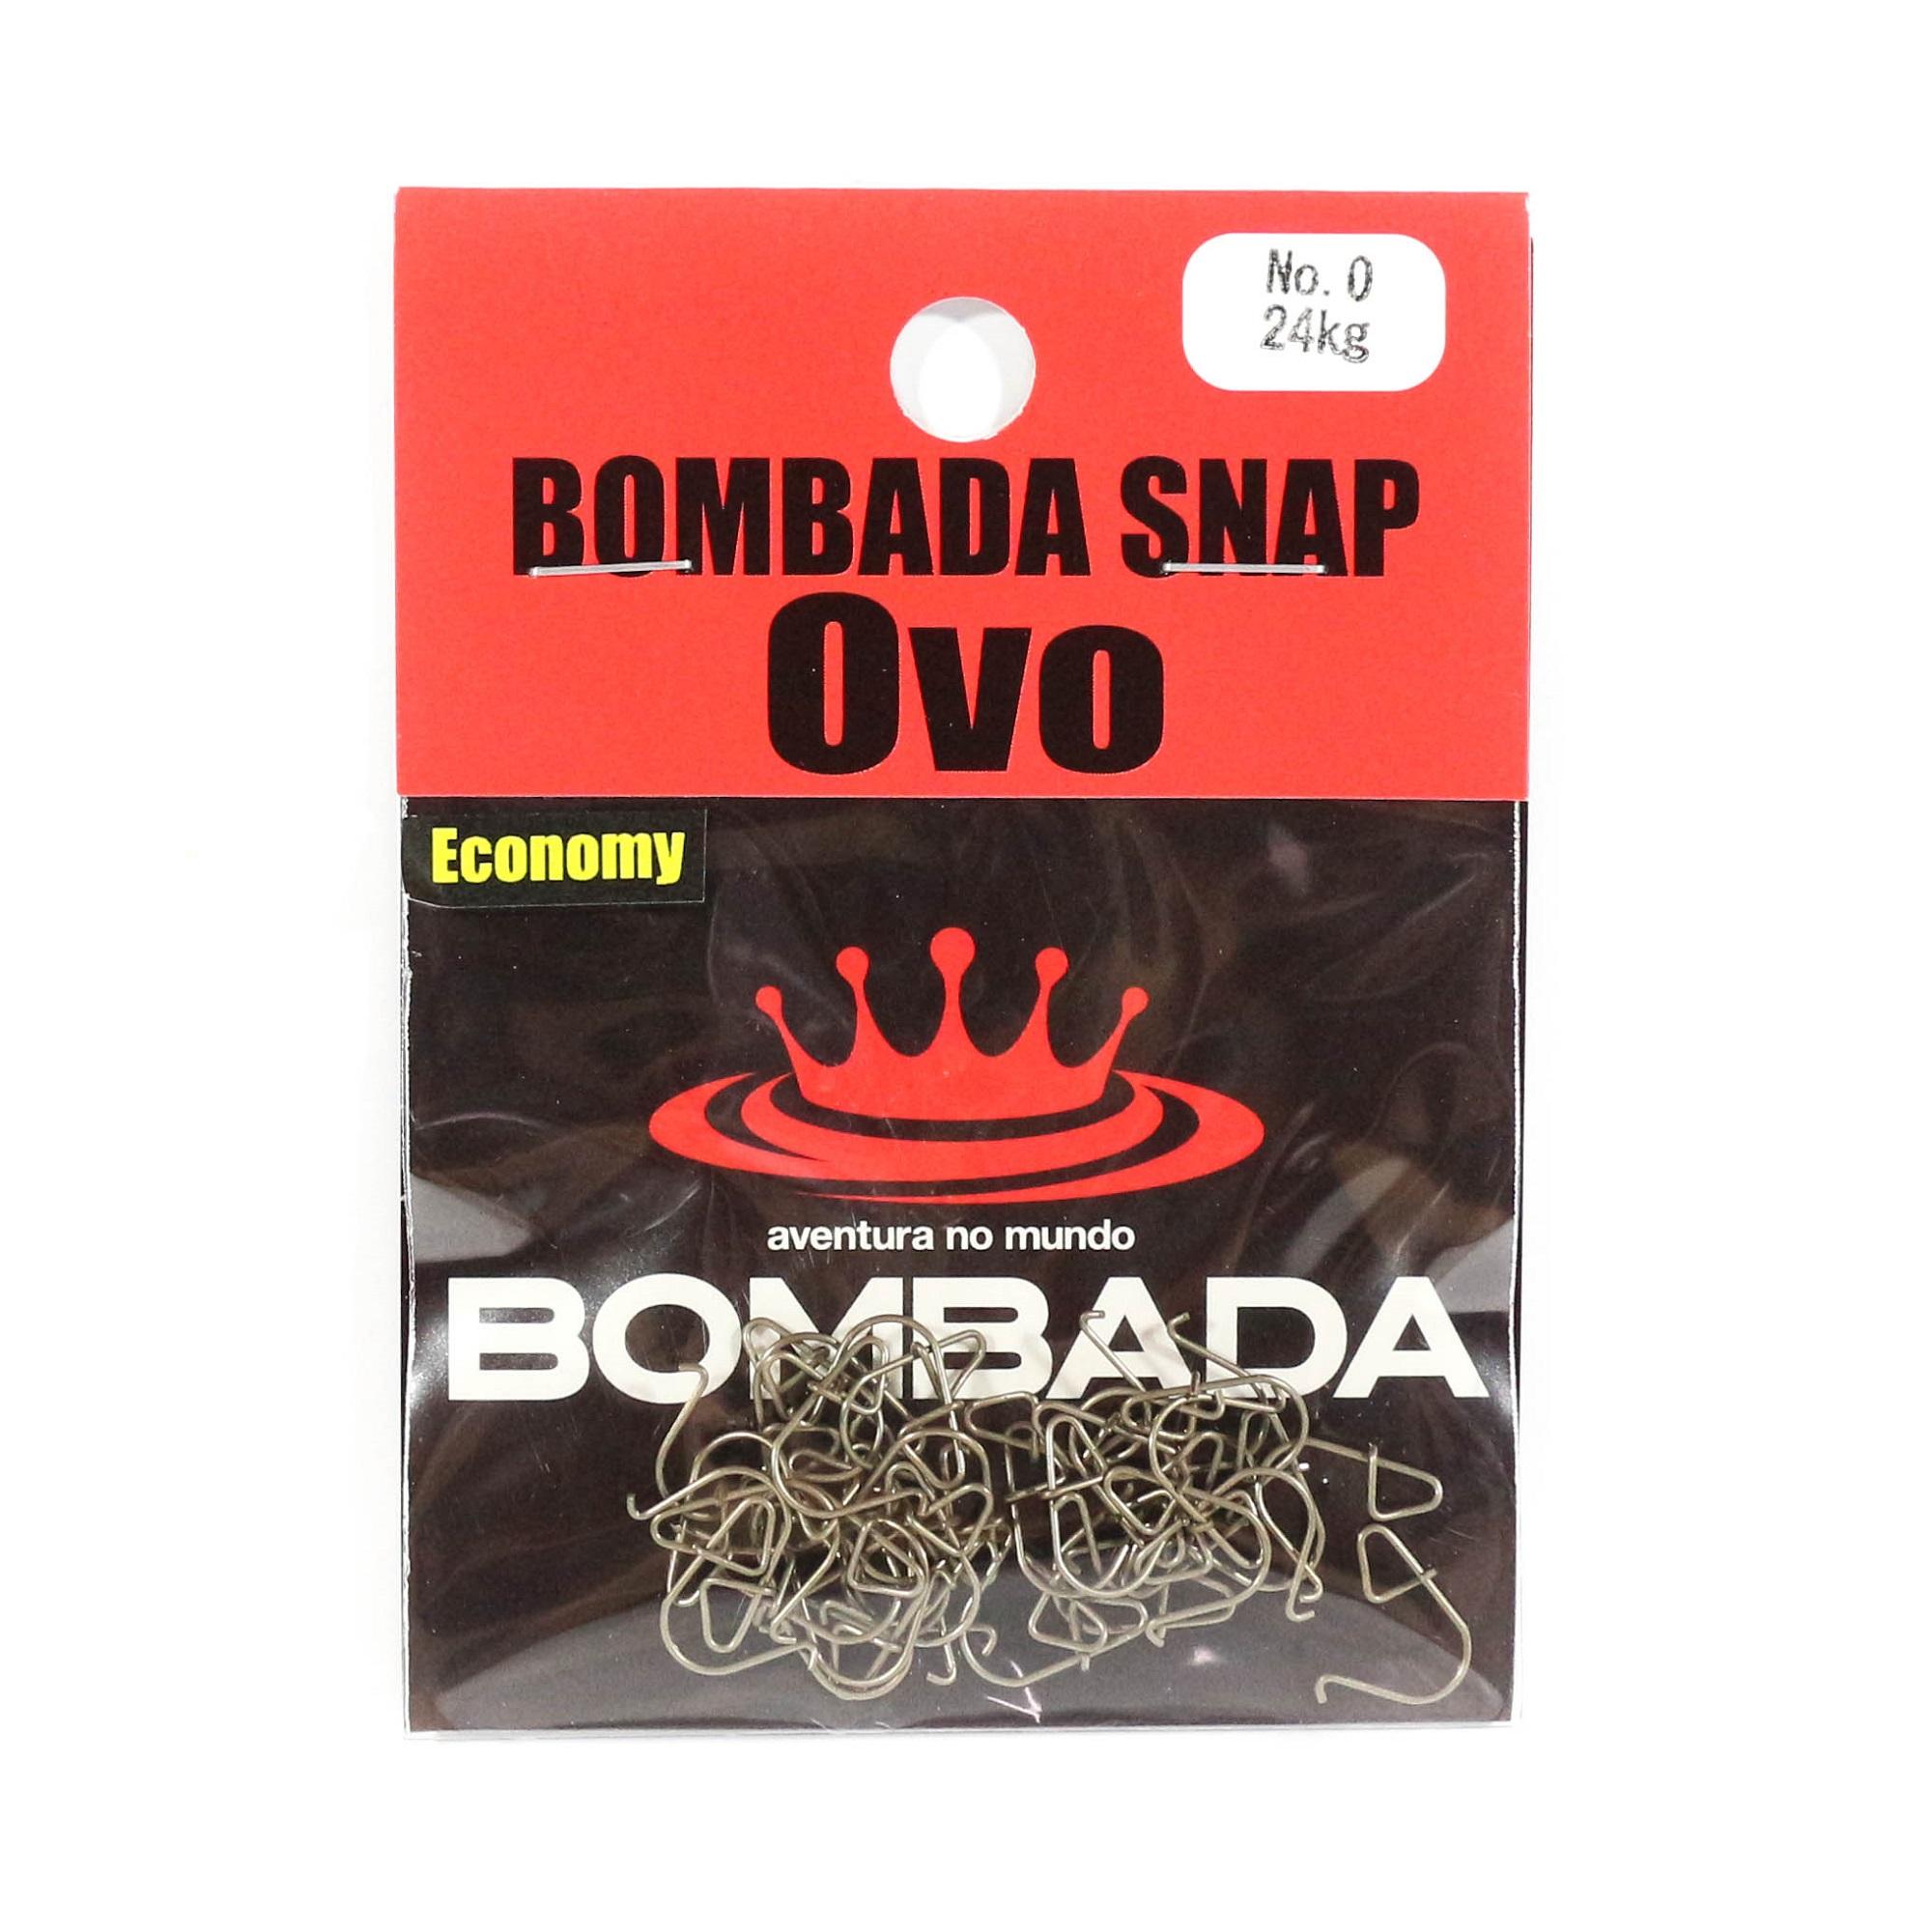 Bombada Lure Snap Ovo Economy Pack Heavy Duty Size 0 (3922)